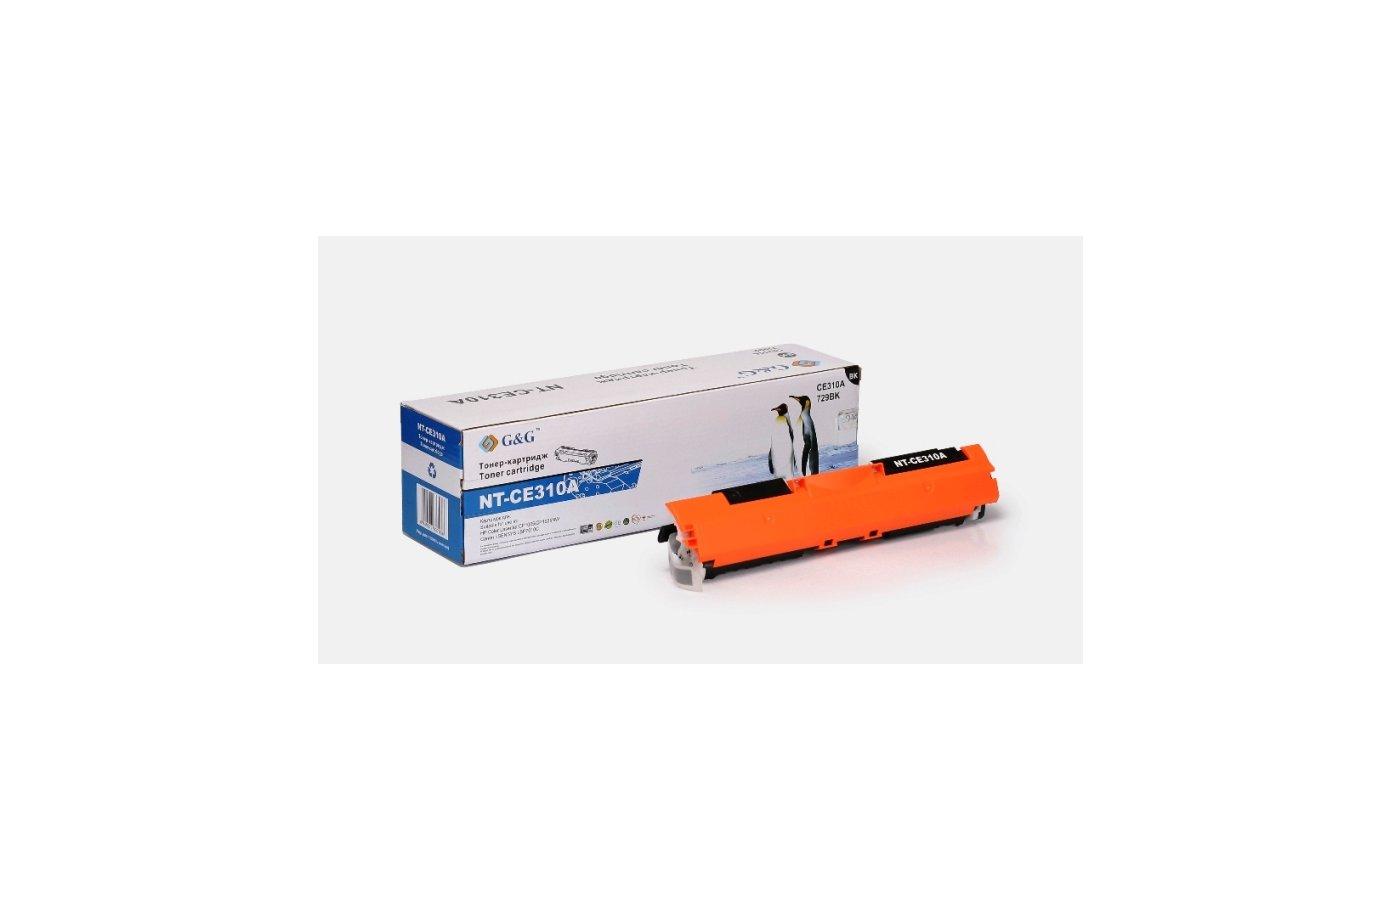 Картридж лазерный GG NT-CE310A Совместимый черный для HP Color LaserJet CP1025/1025nw, Canon LBP-7010C (1200стр)